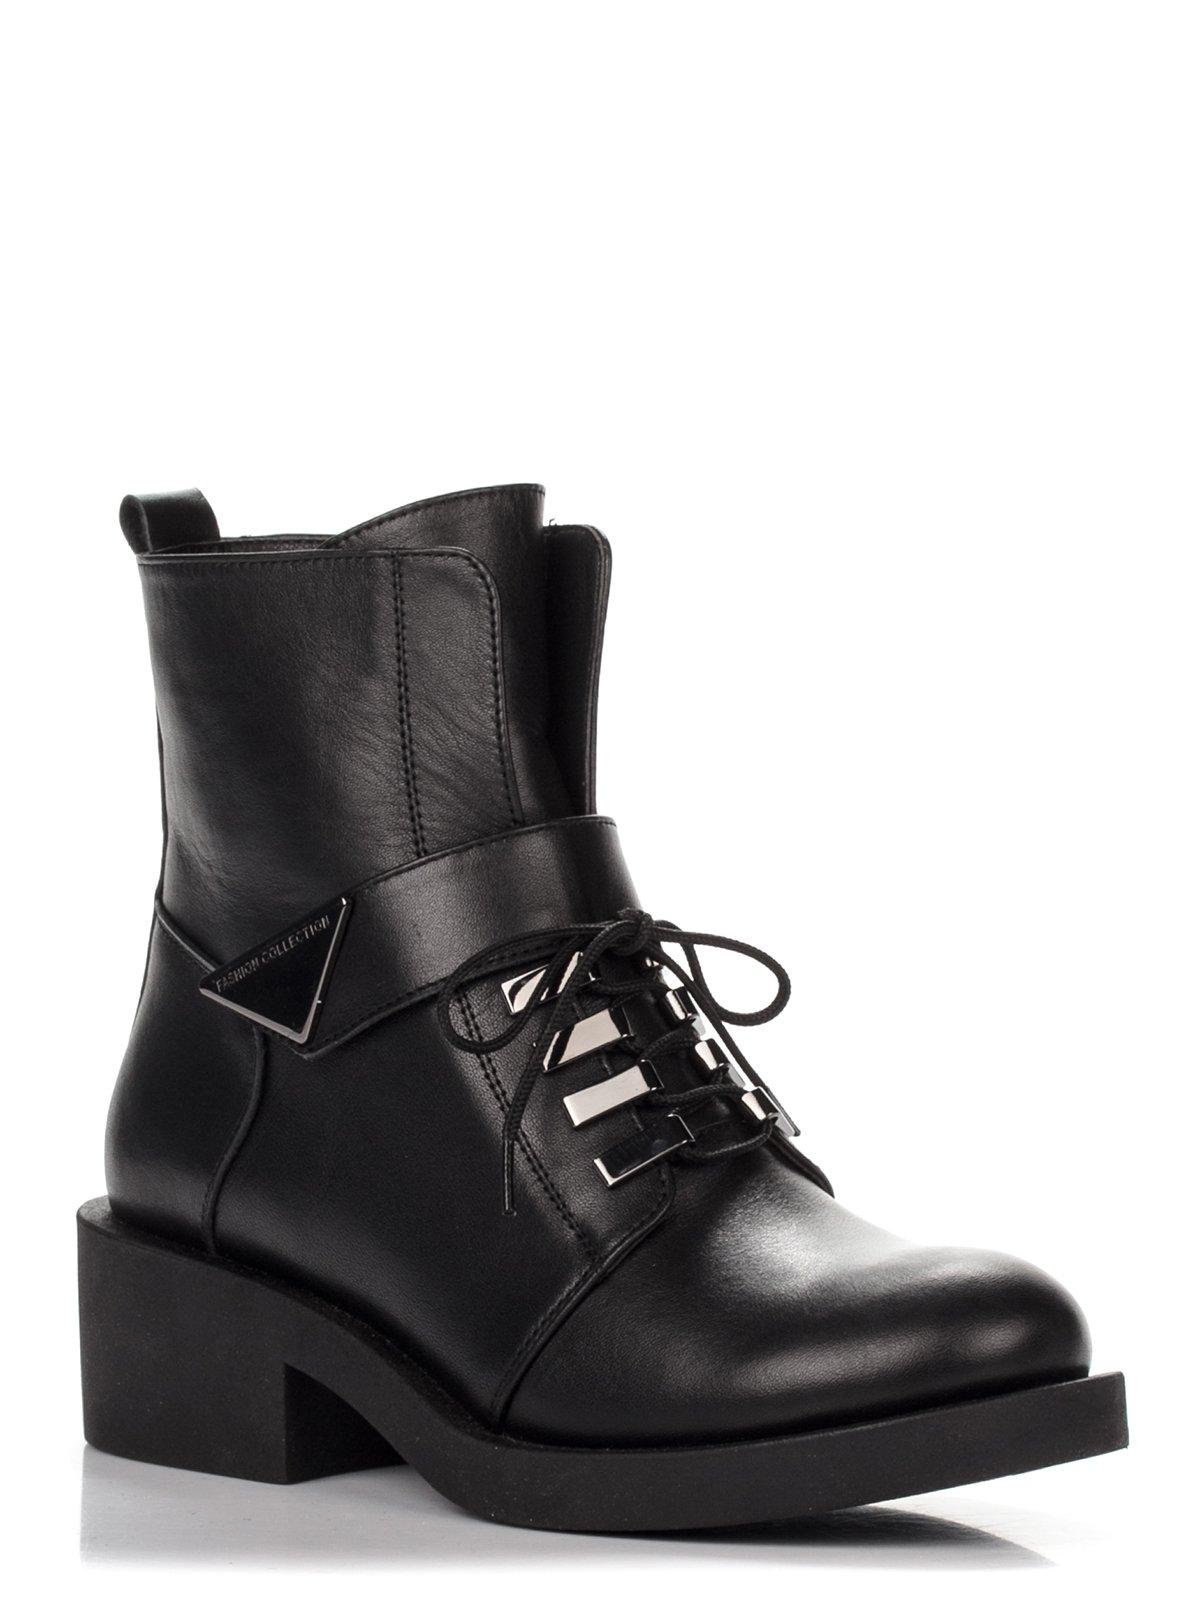 Ботинки черные | 3675915 | фото 2